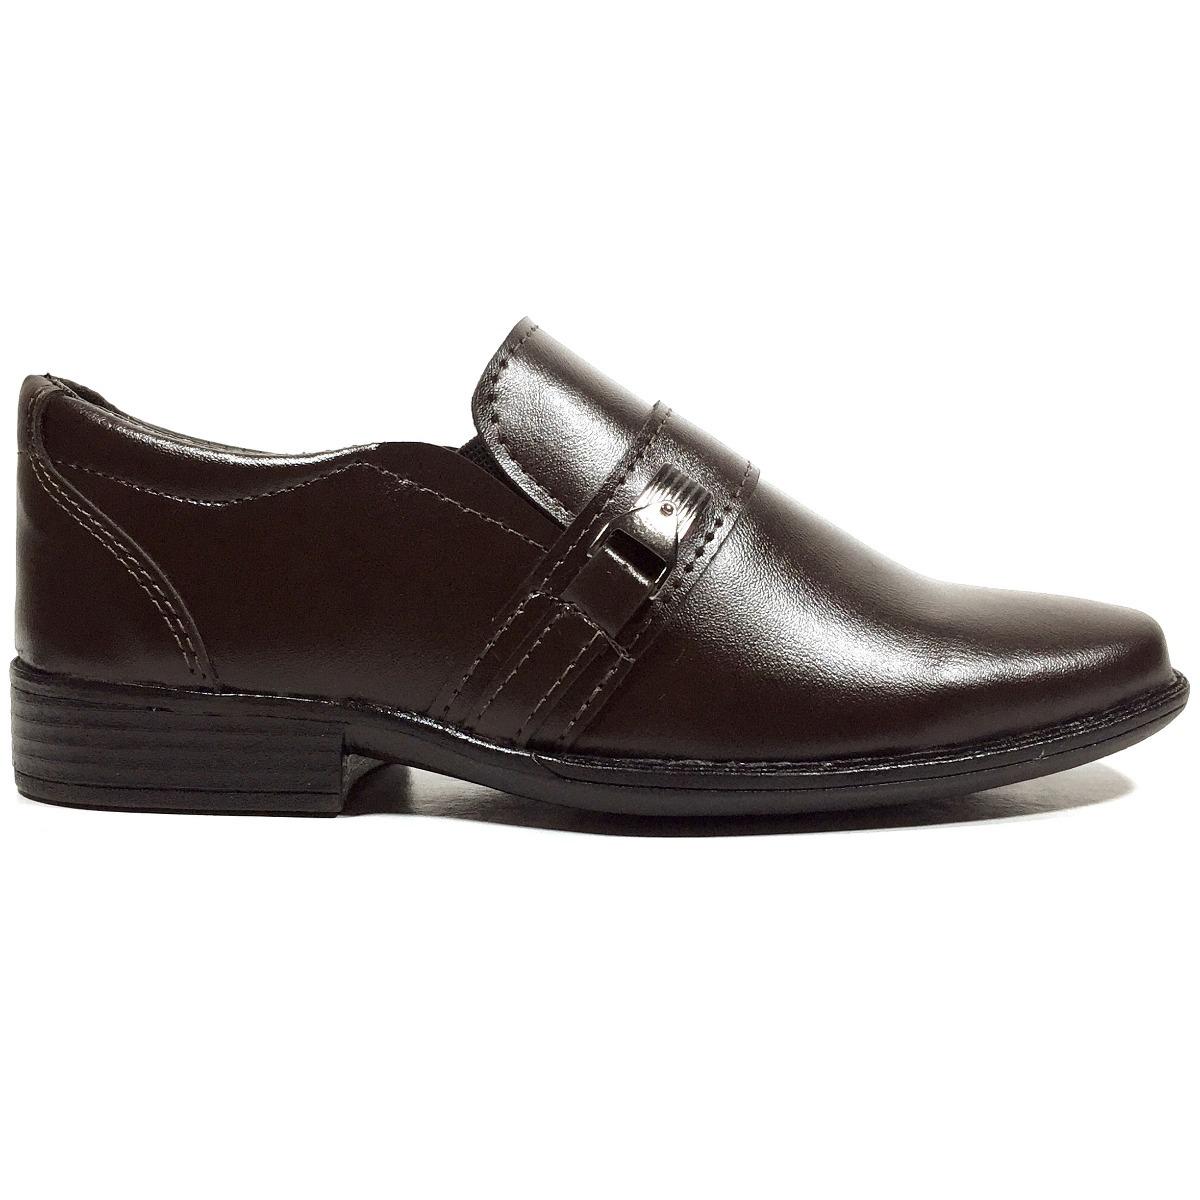 671f96252 sapato social infantil masculino marrom café. Carregando zoom.